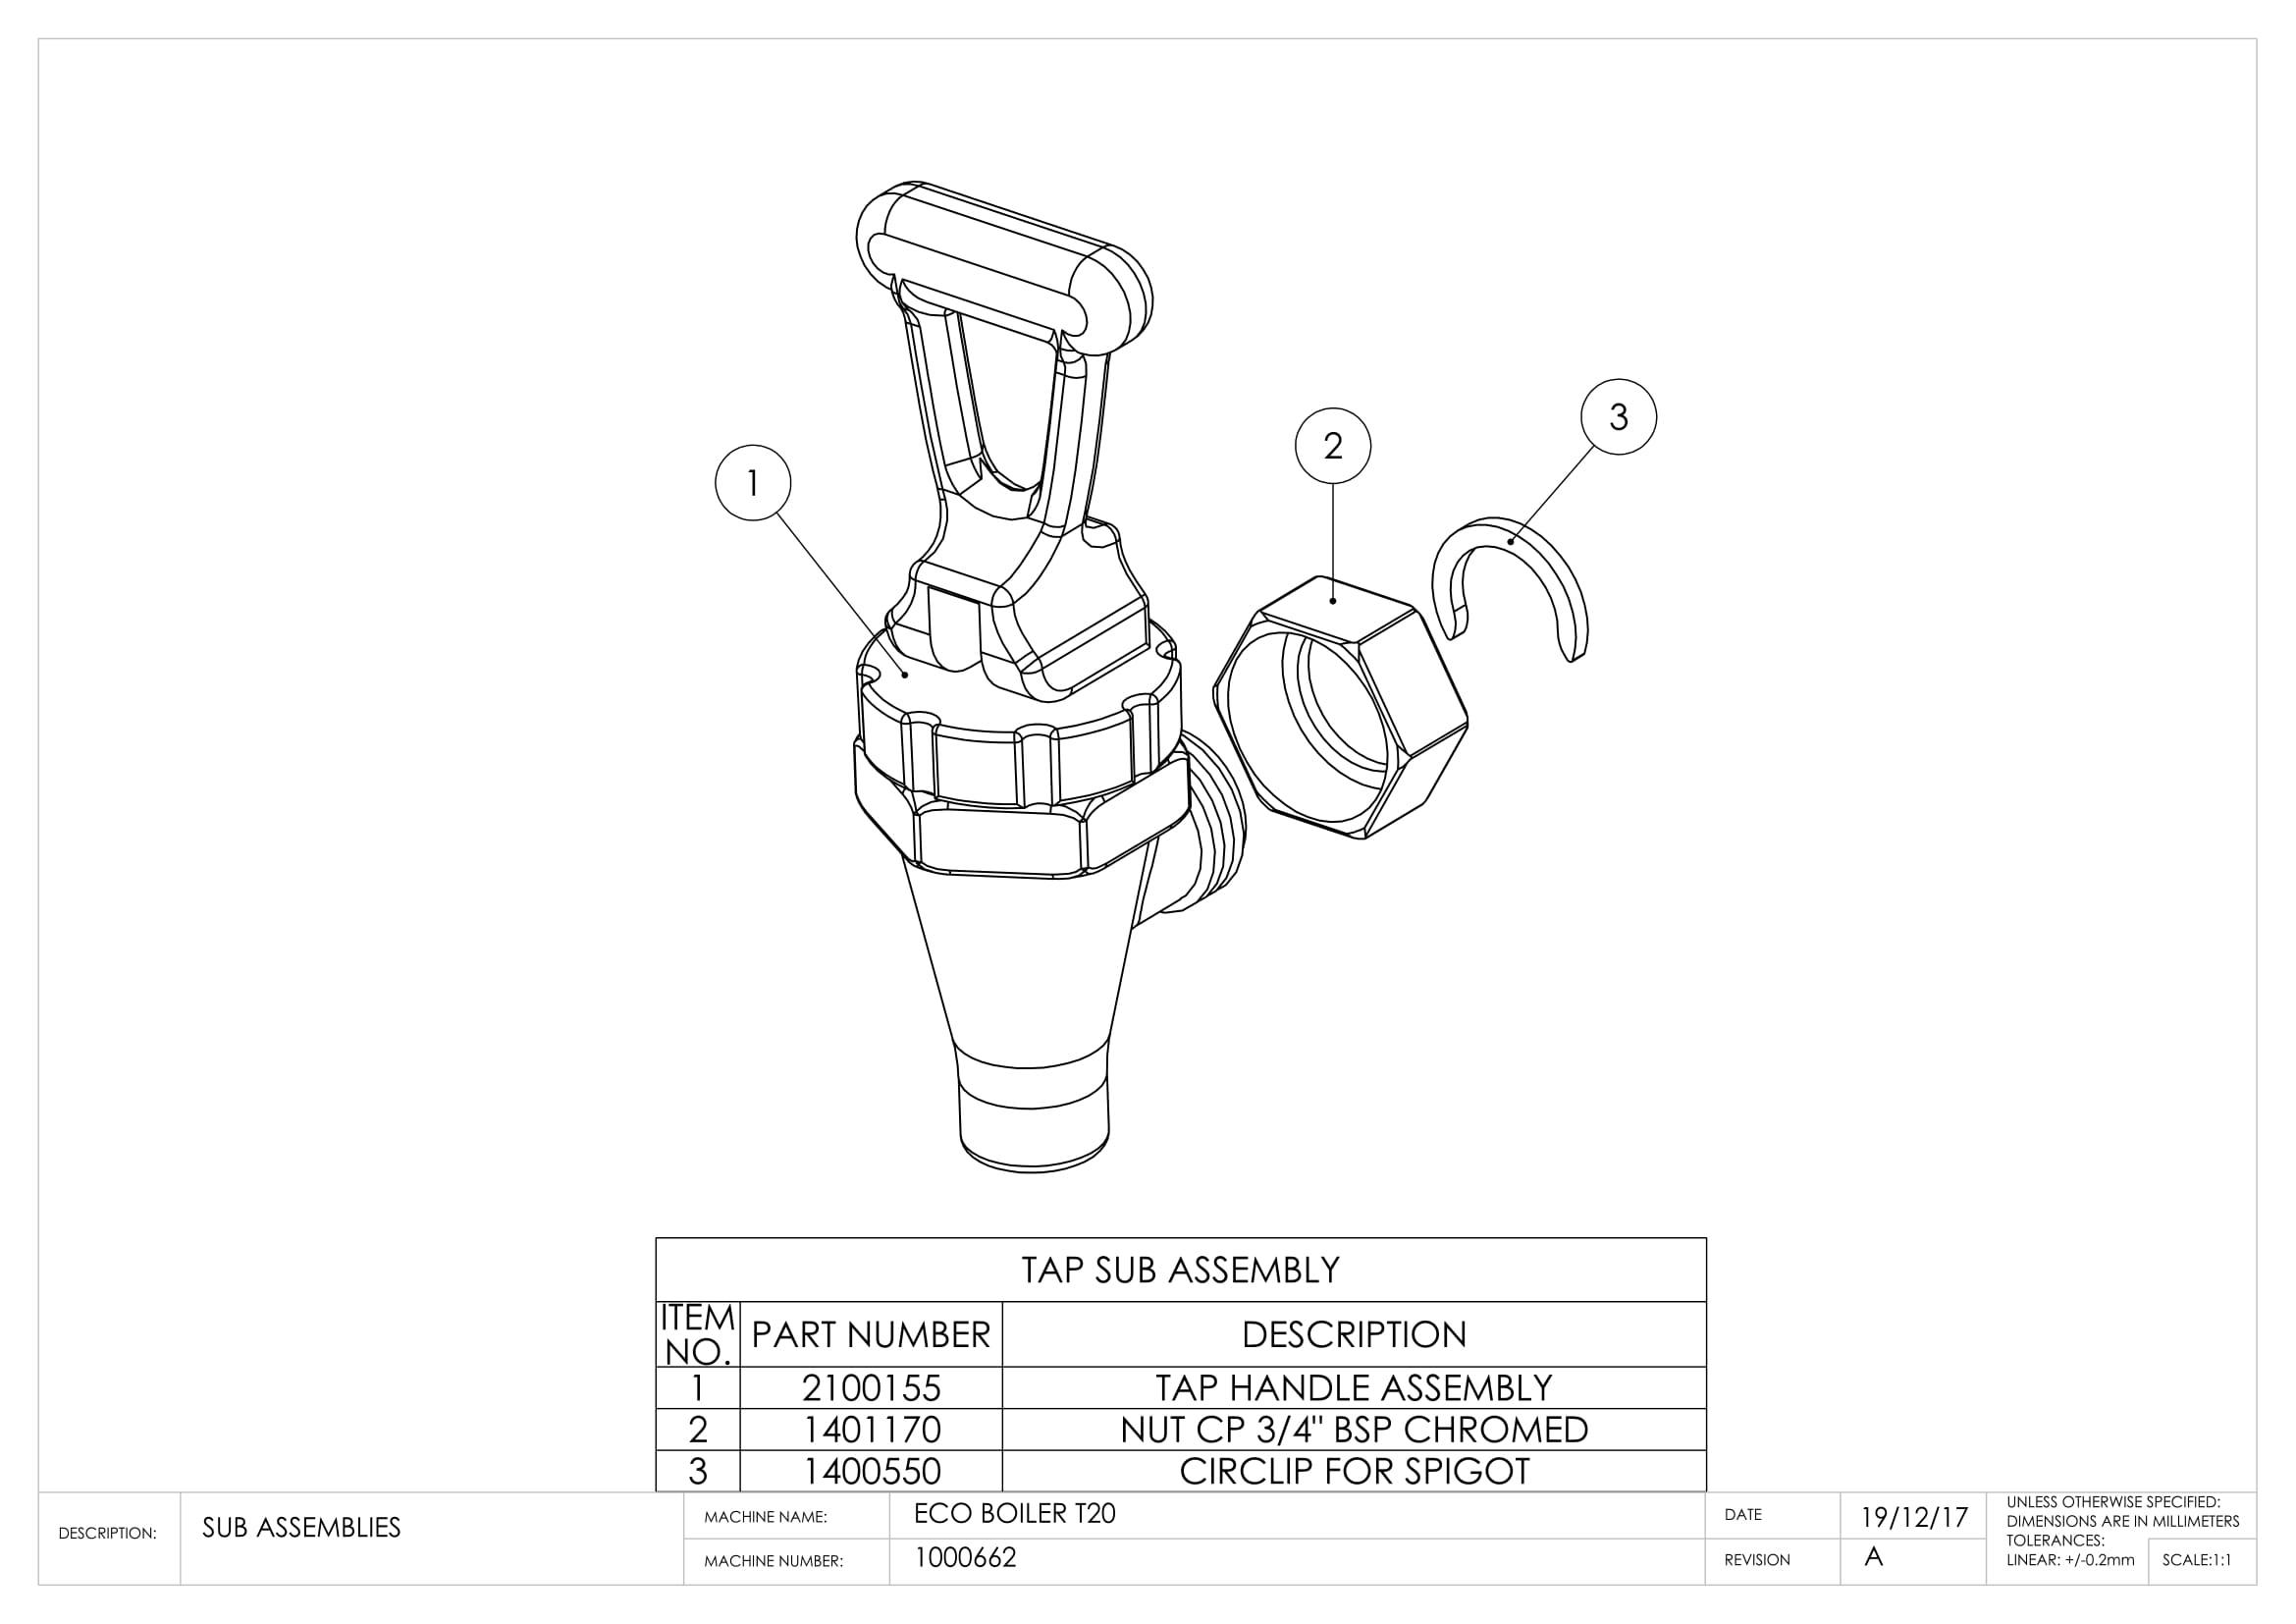 Ecoboiler T20 Marco Beverage Systems Ltd